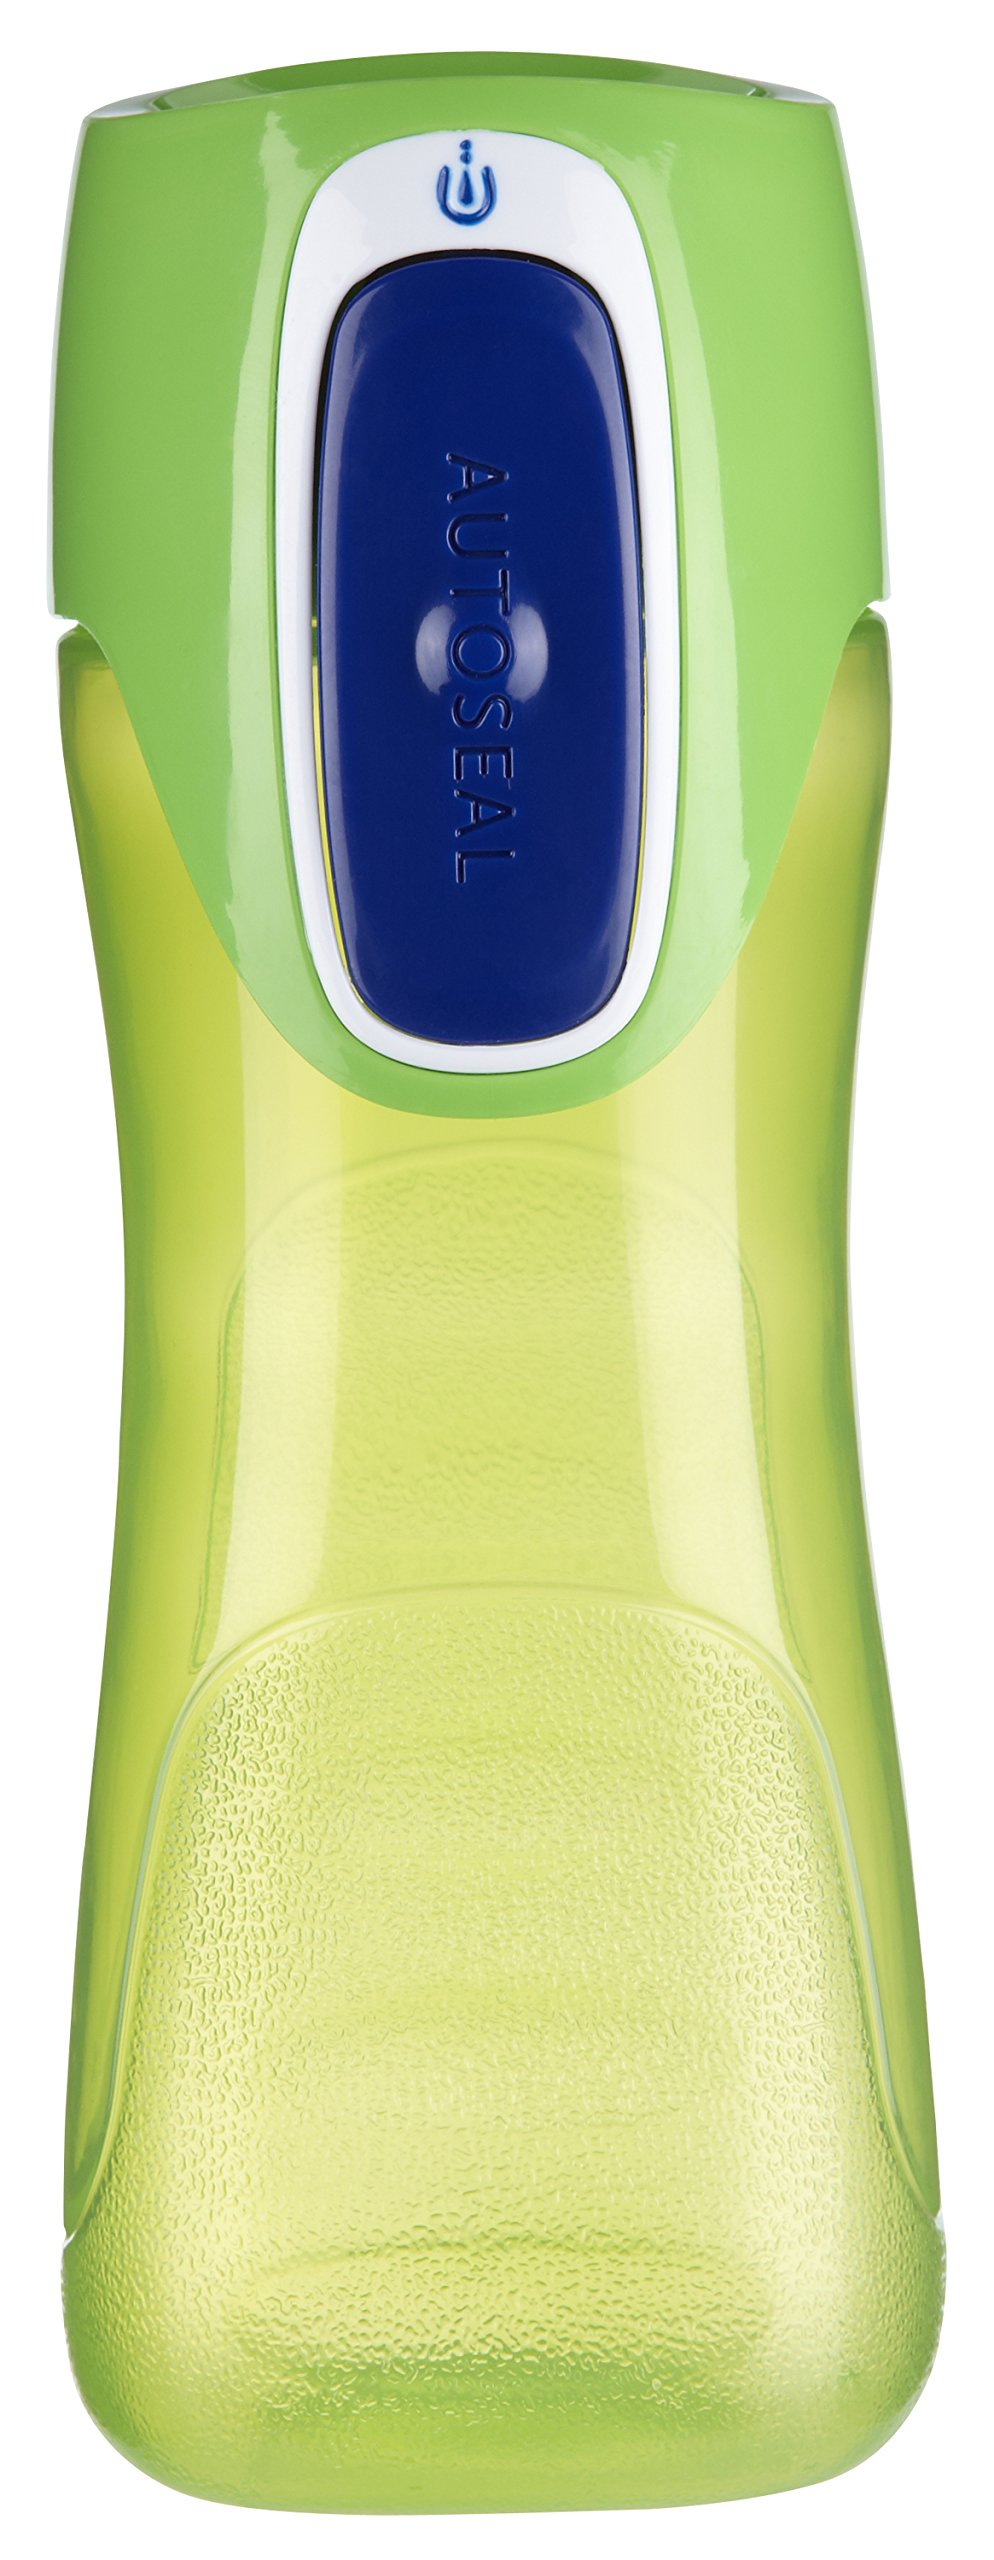 Contigo AUTOSEAL Trekker Kids Water Bottles, 14 oz, Granny Smith & Nautical, 2-Pack by Contigo (Image #2)